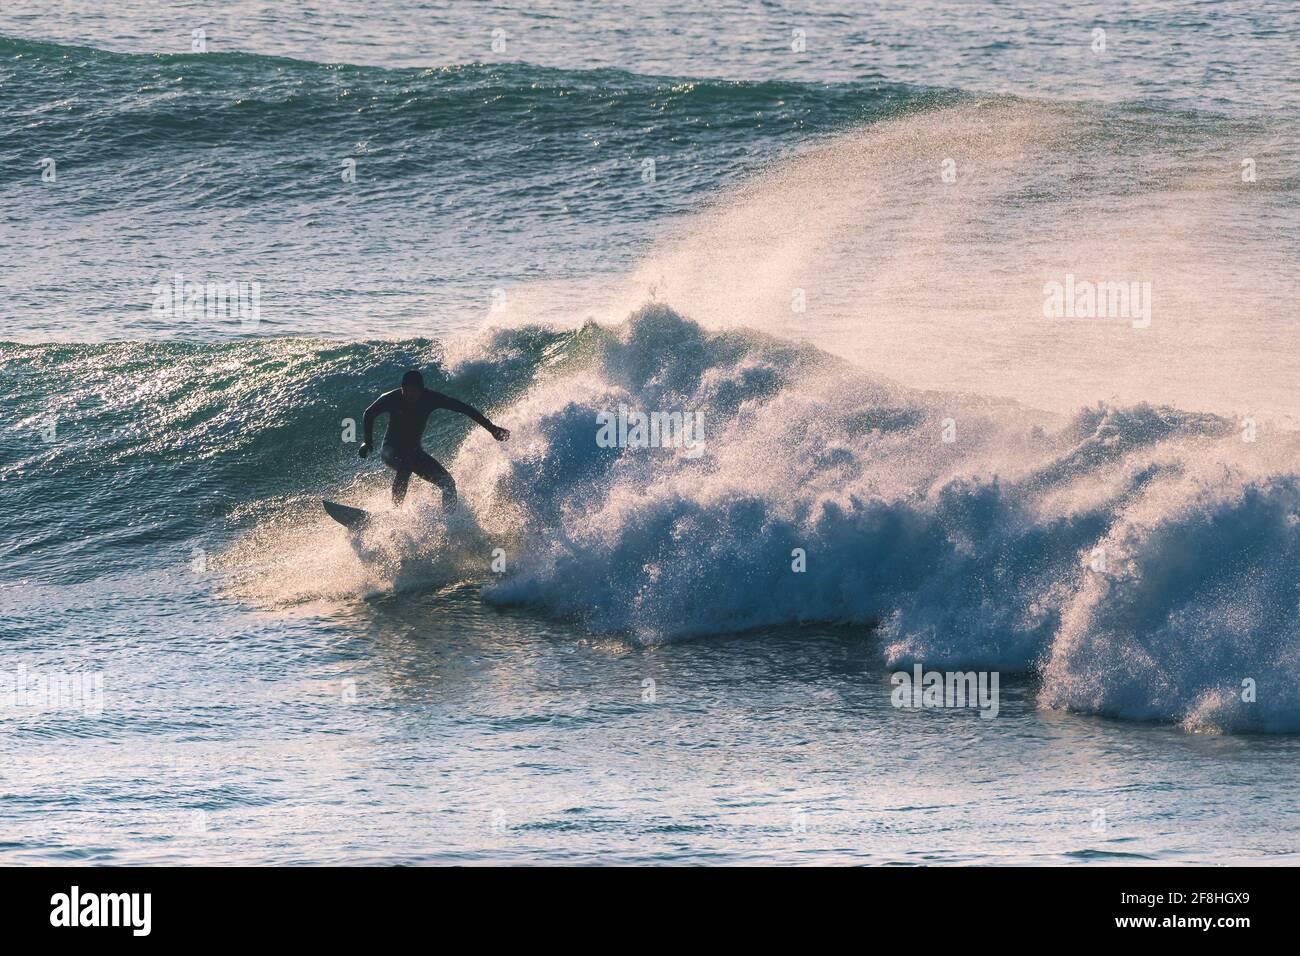 Un surfeur qui fait une vague et silhoueté par la lumière du début de soirée à Fistral à Newquay en Cornouailles. Banque D'Images